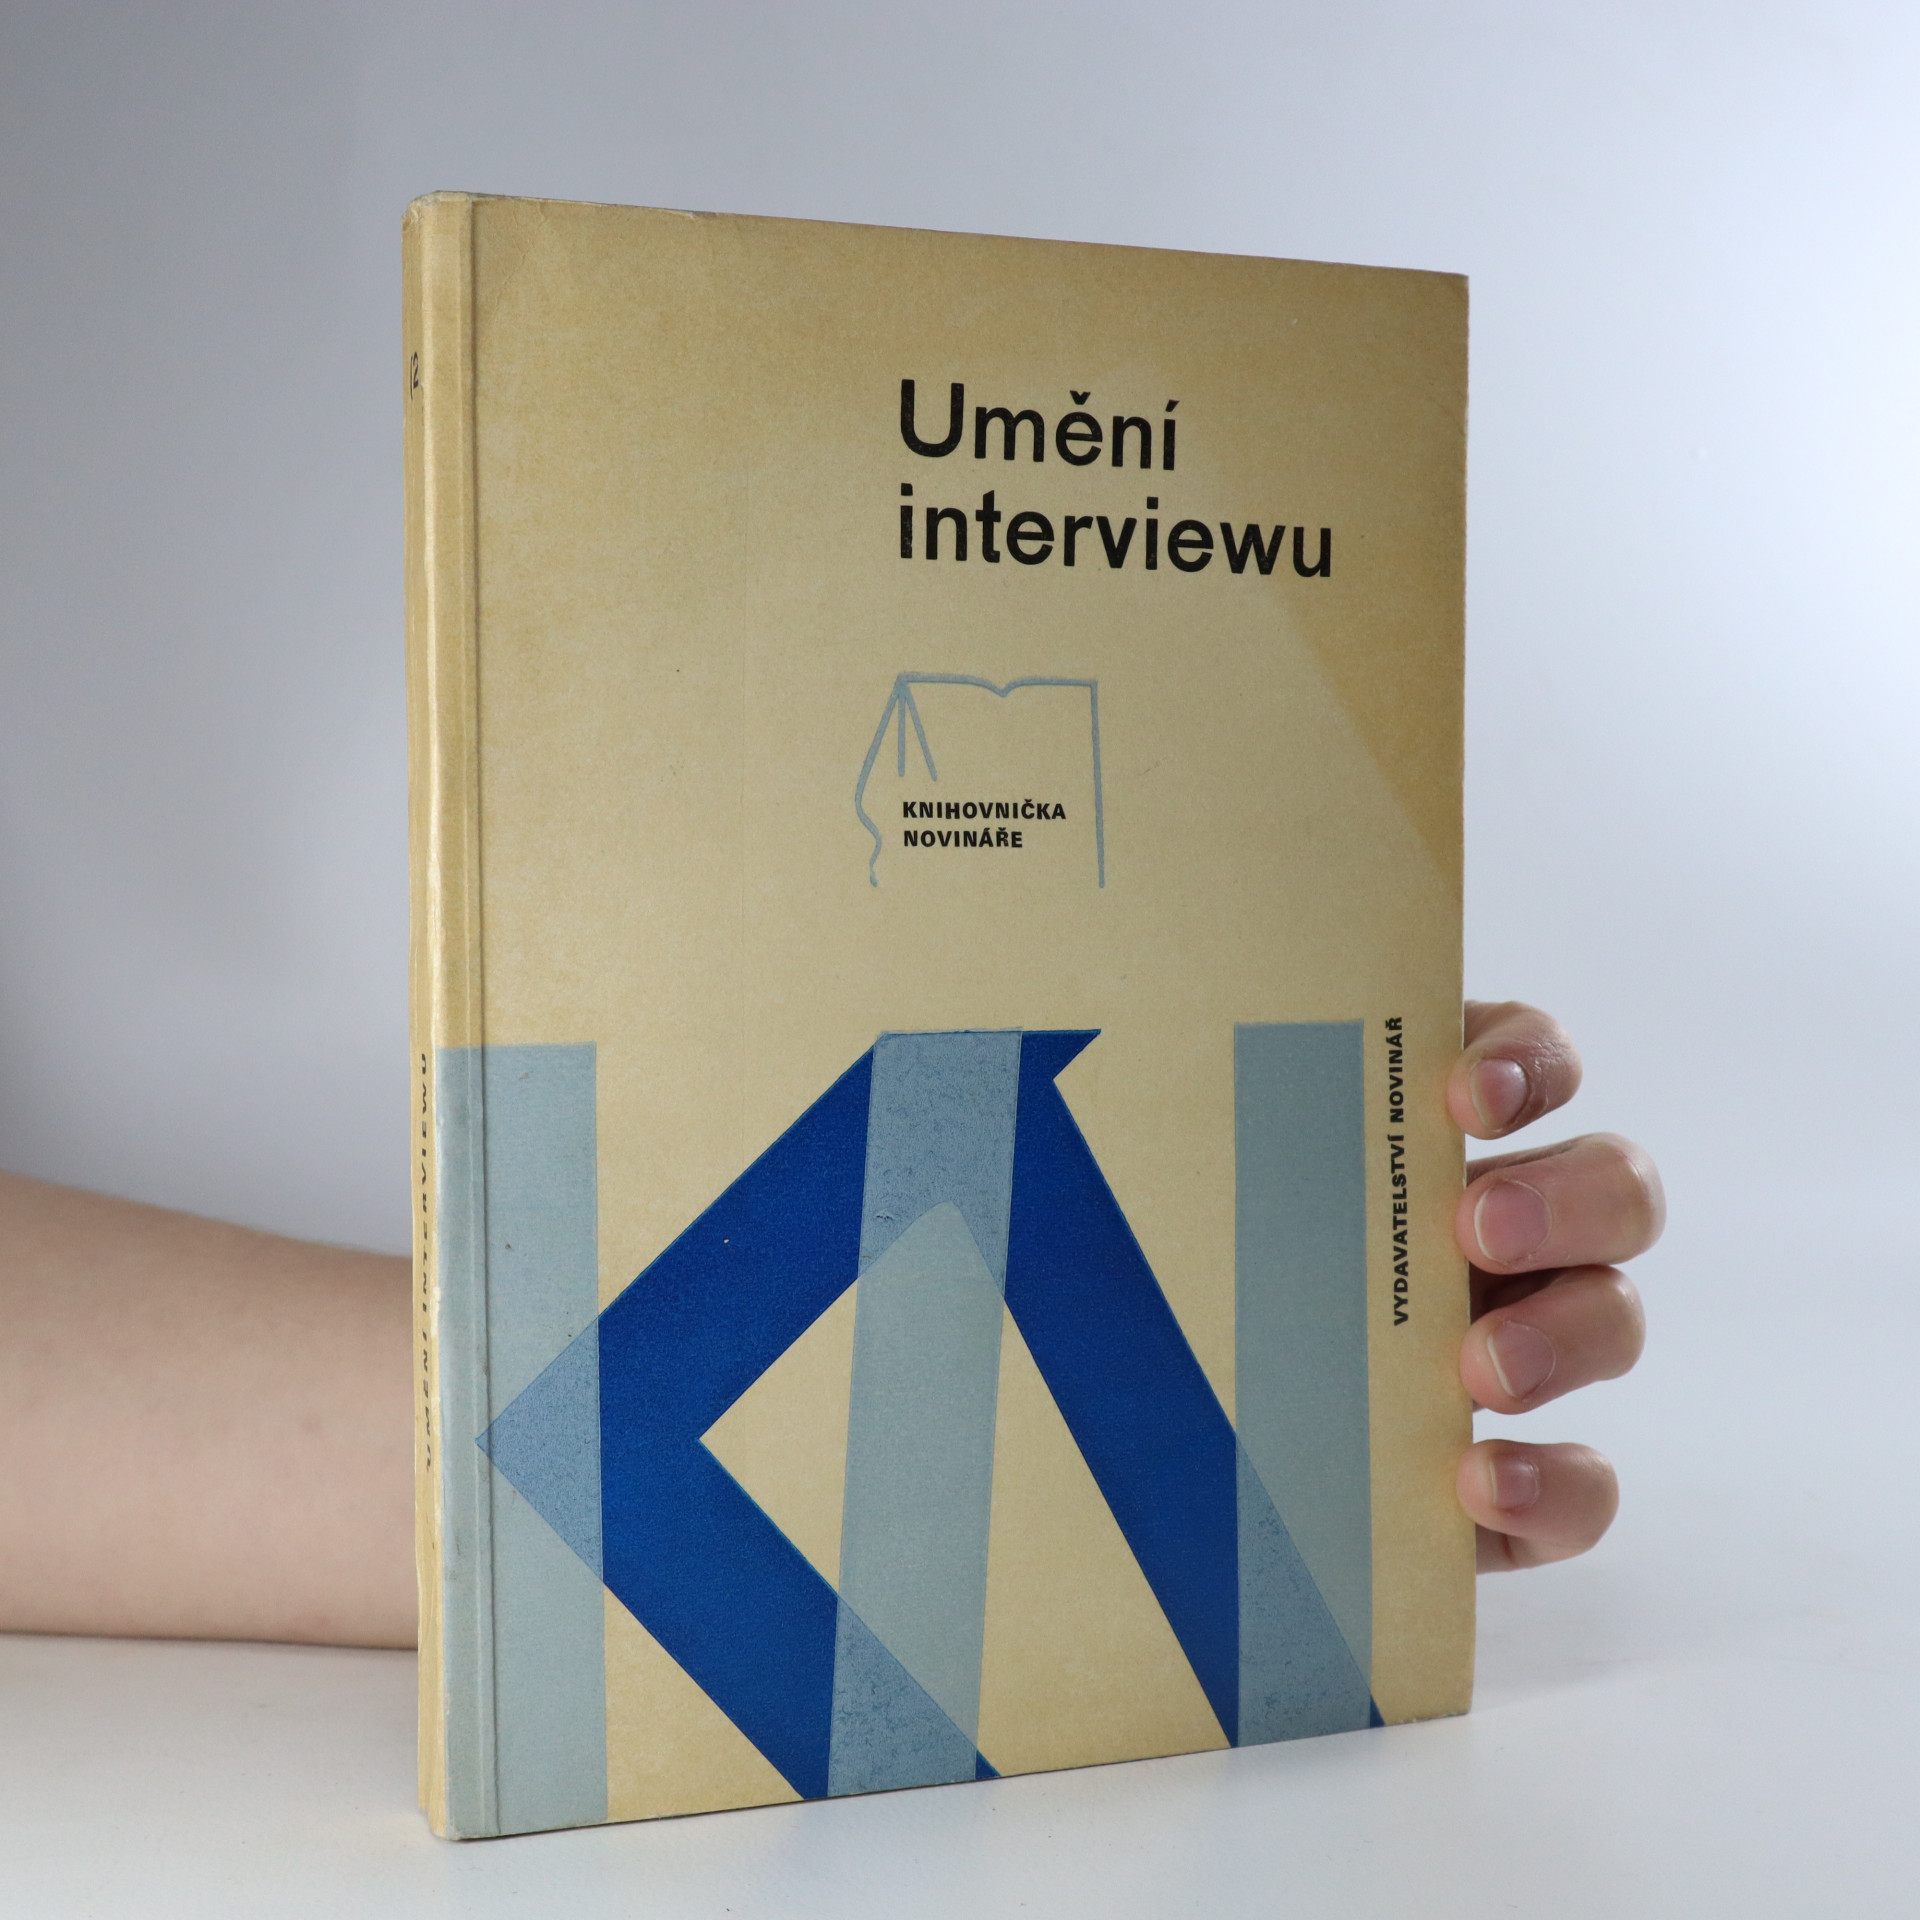 antikvární kniha Umění interviewu (s věnováním autora), 1973